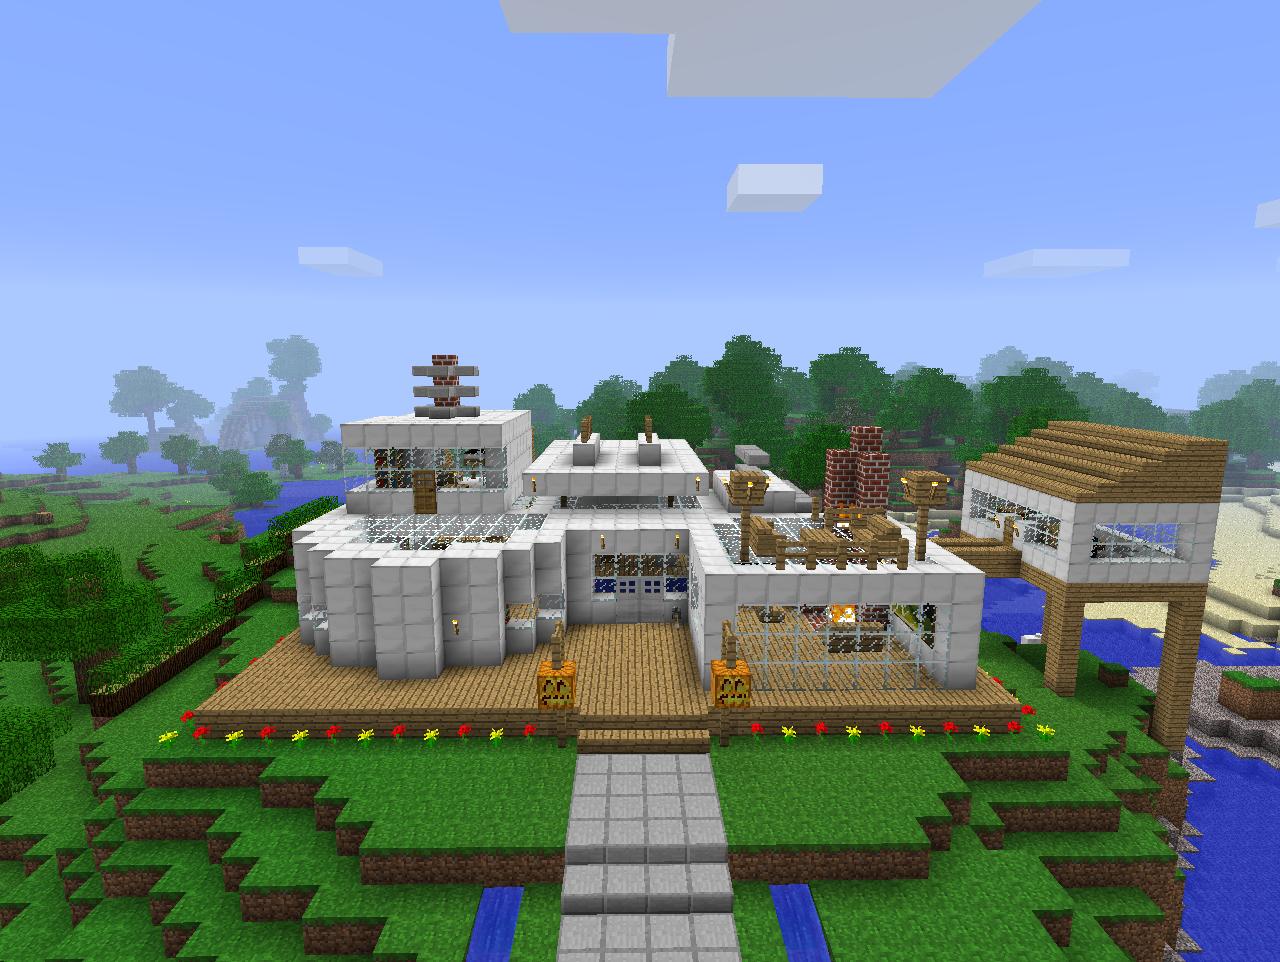 Jpmannen1337 Minecraft blog: Minecraft downloads